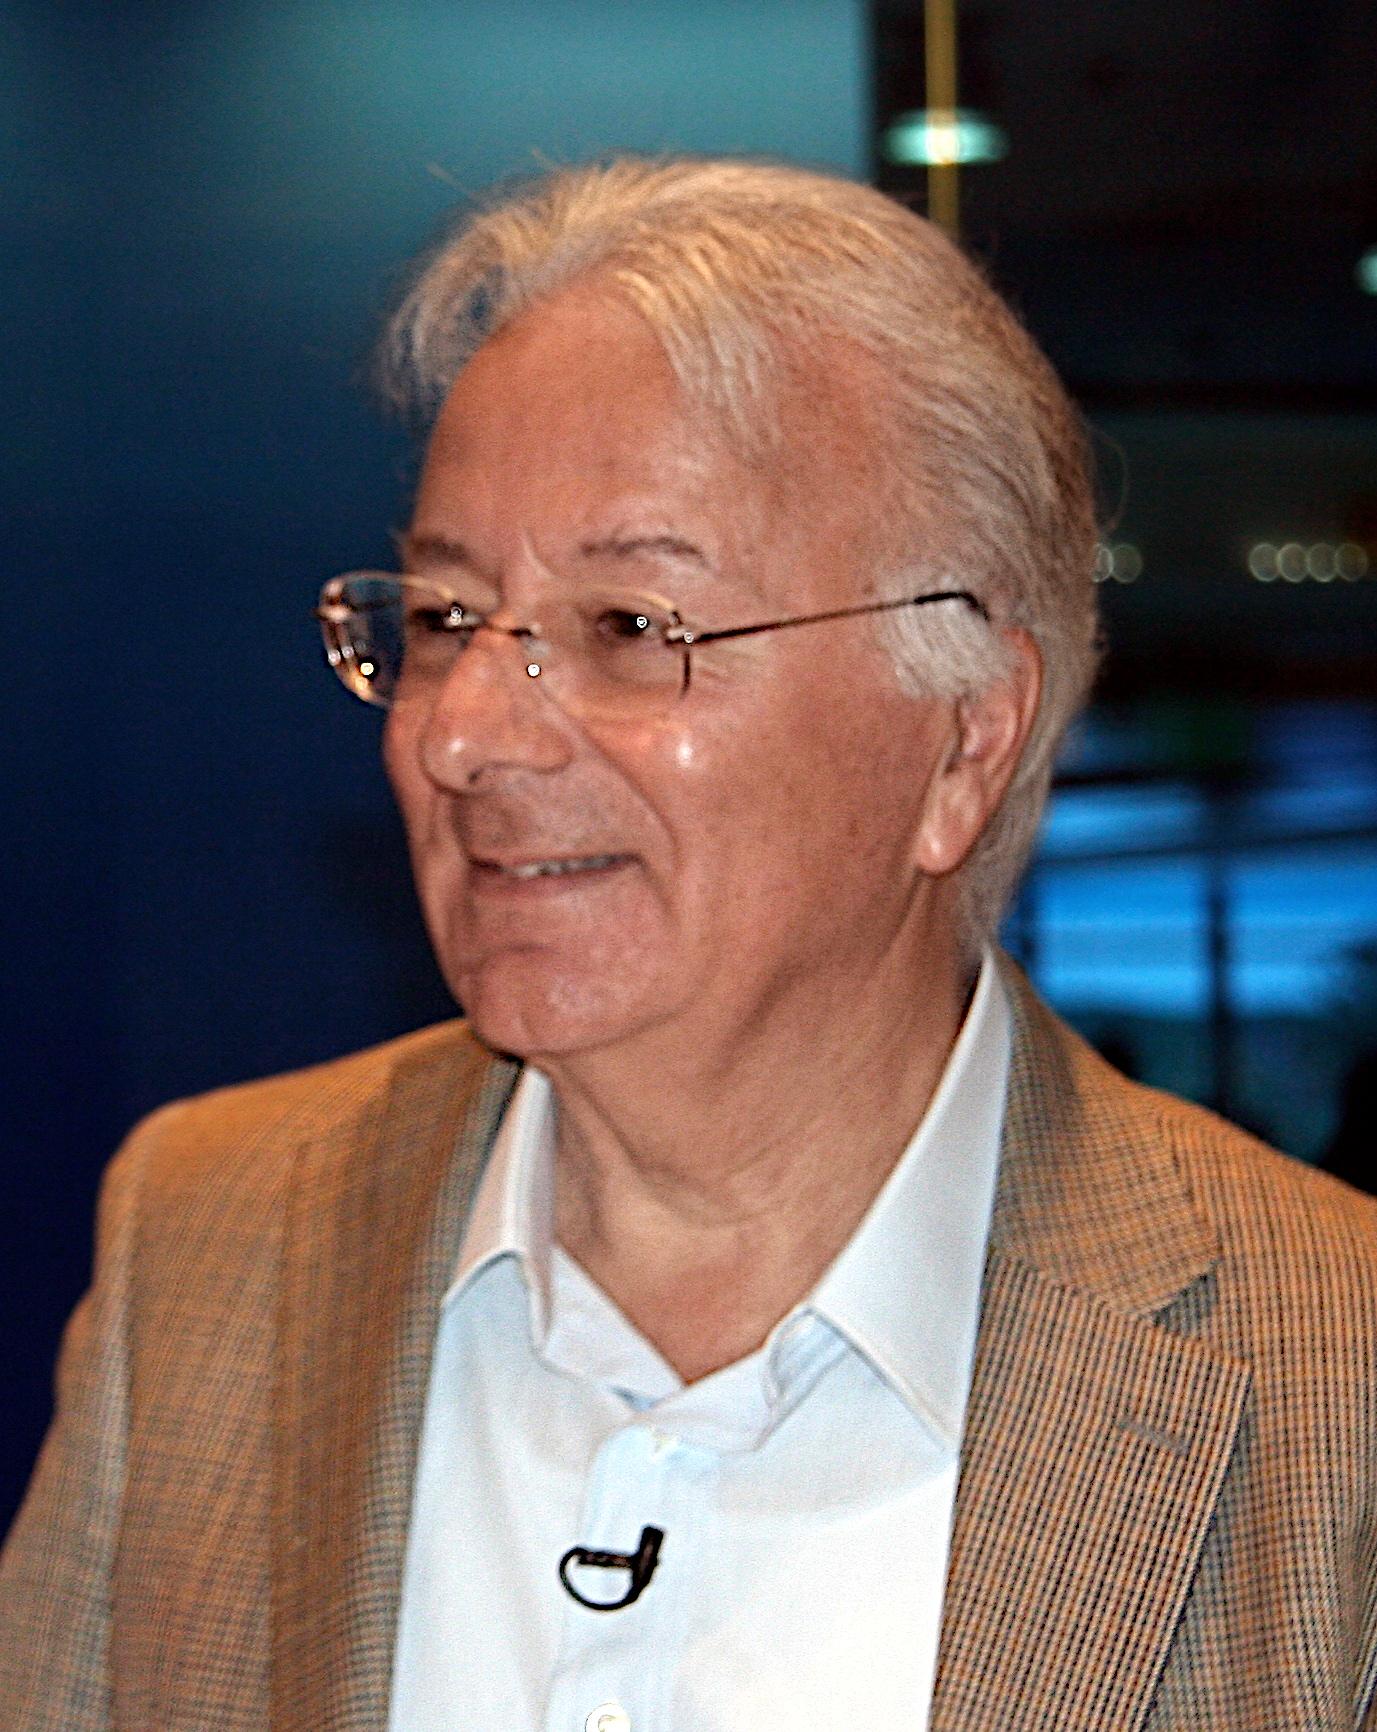 Federico Faggin, the designer of Intel 4004